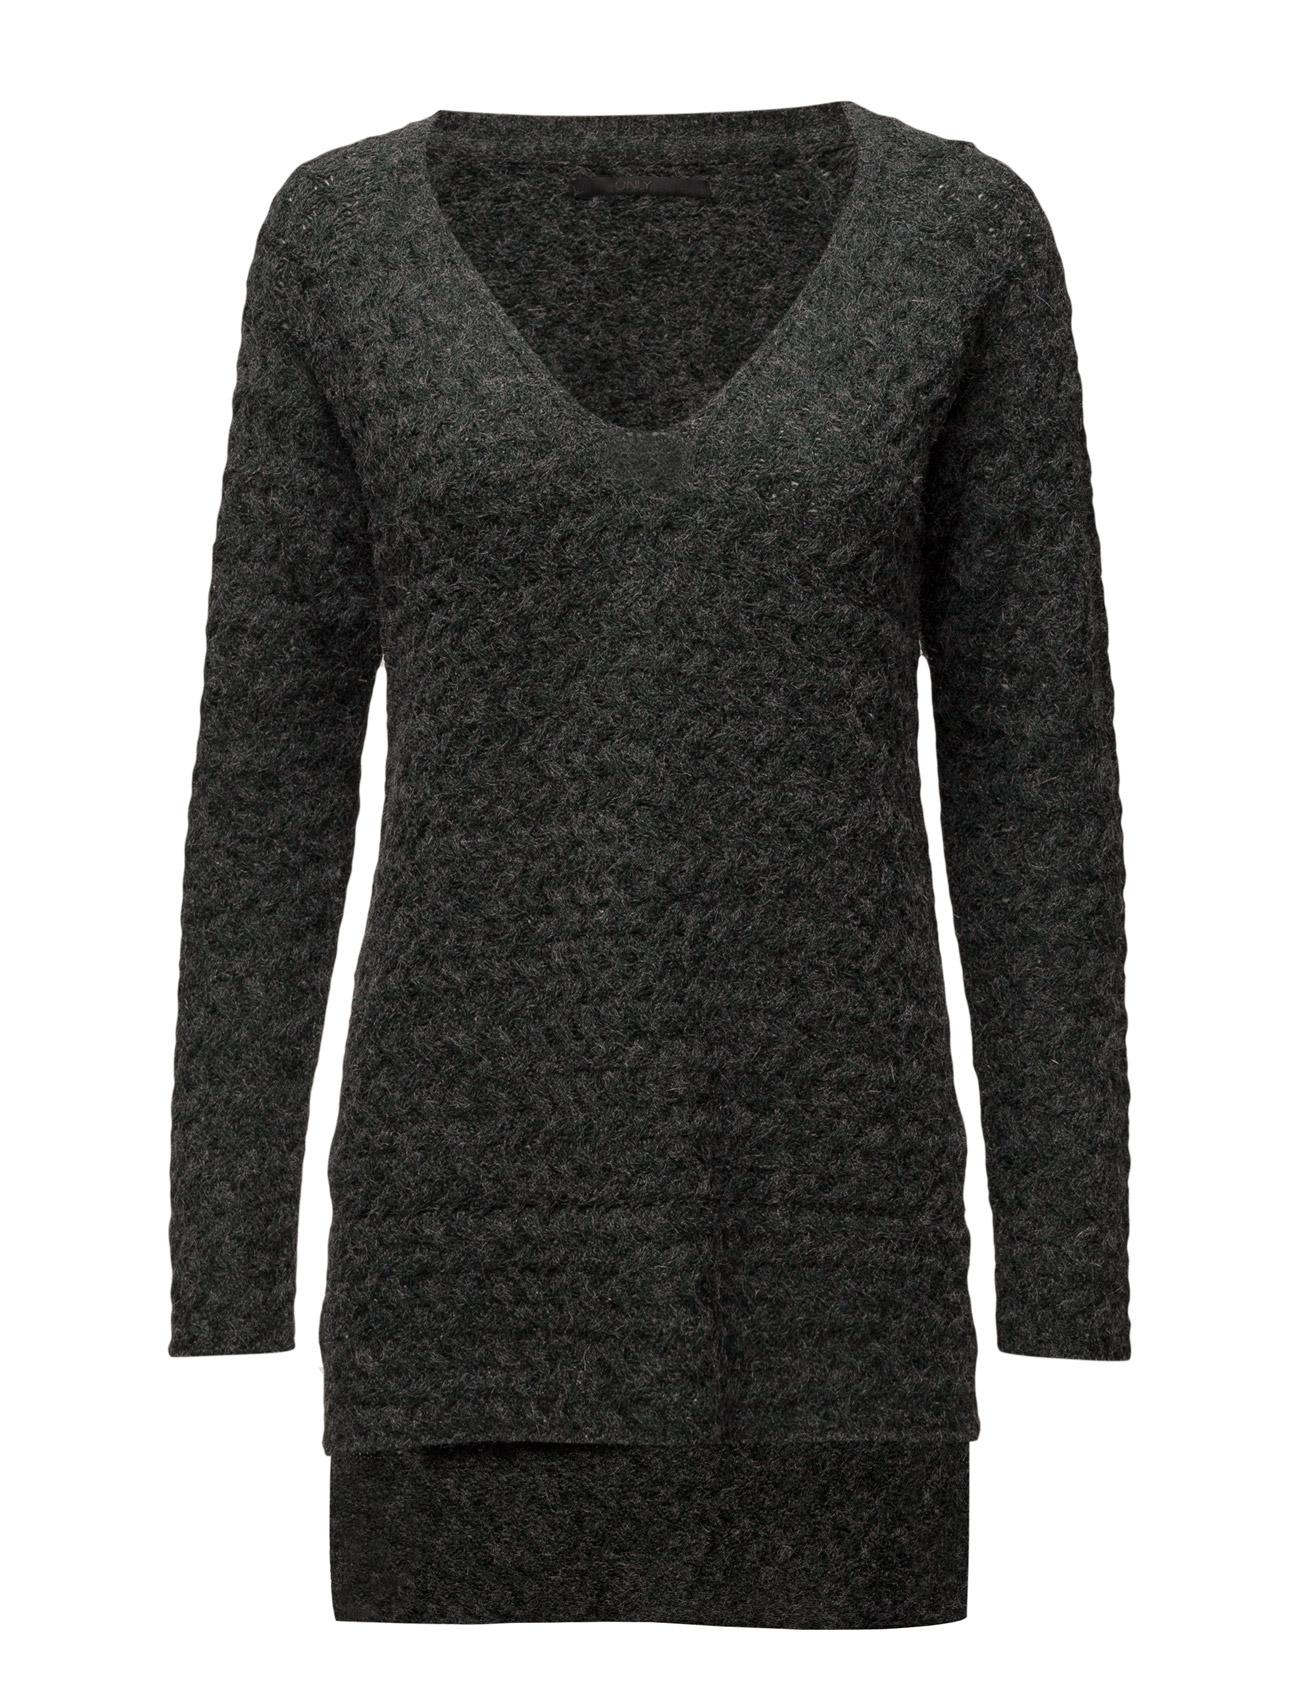 Onllima L/S V-Neck Pullover Knt ONLY Striktøj til Kvinder i